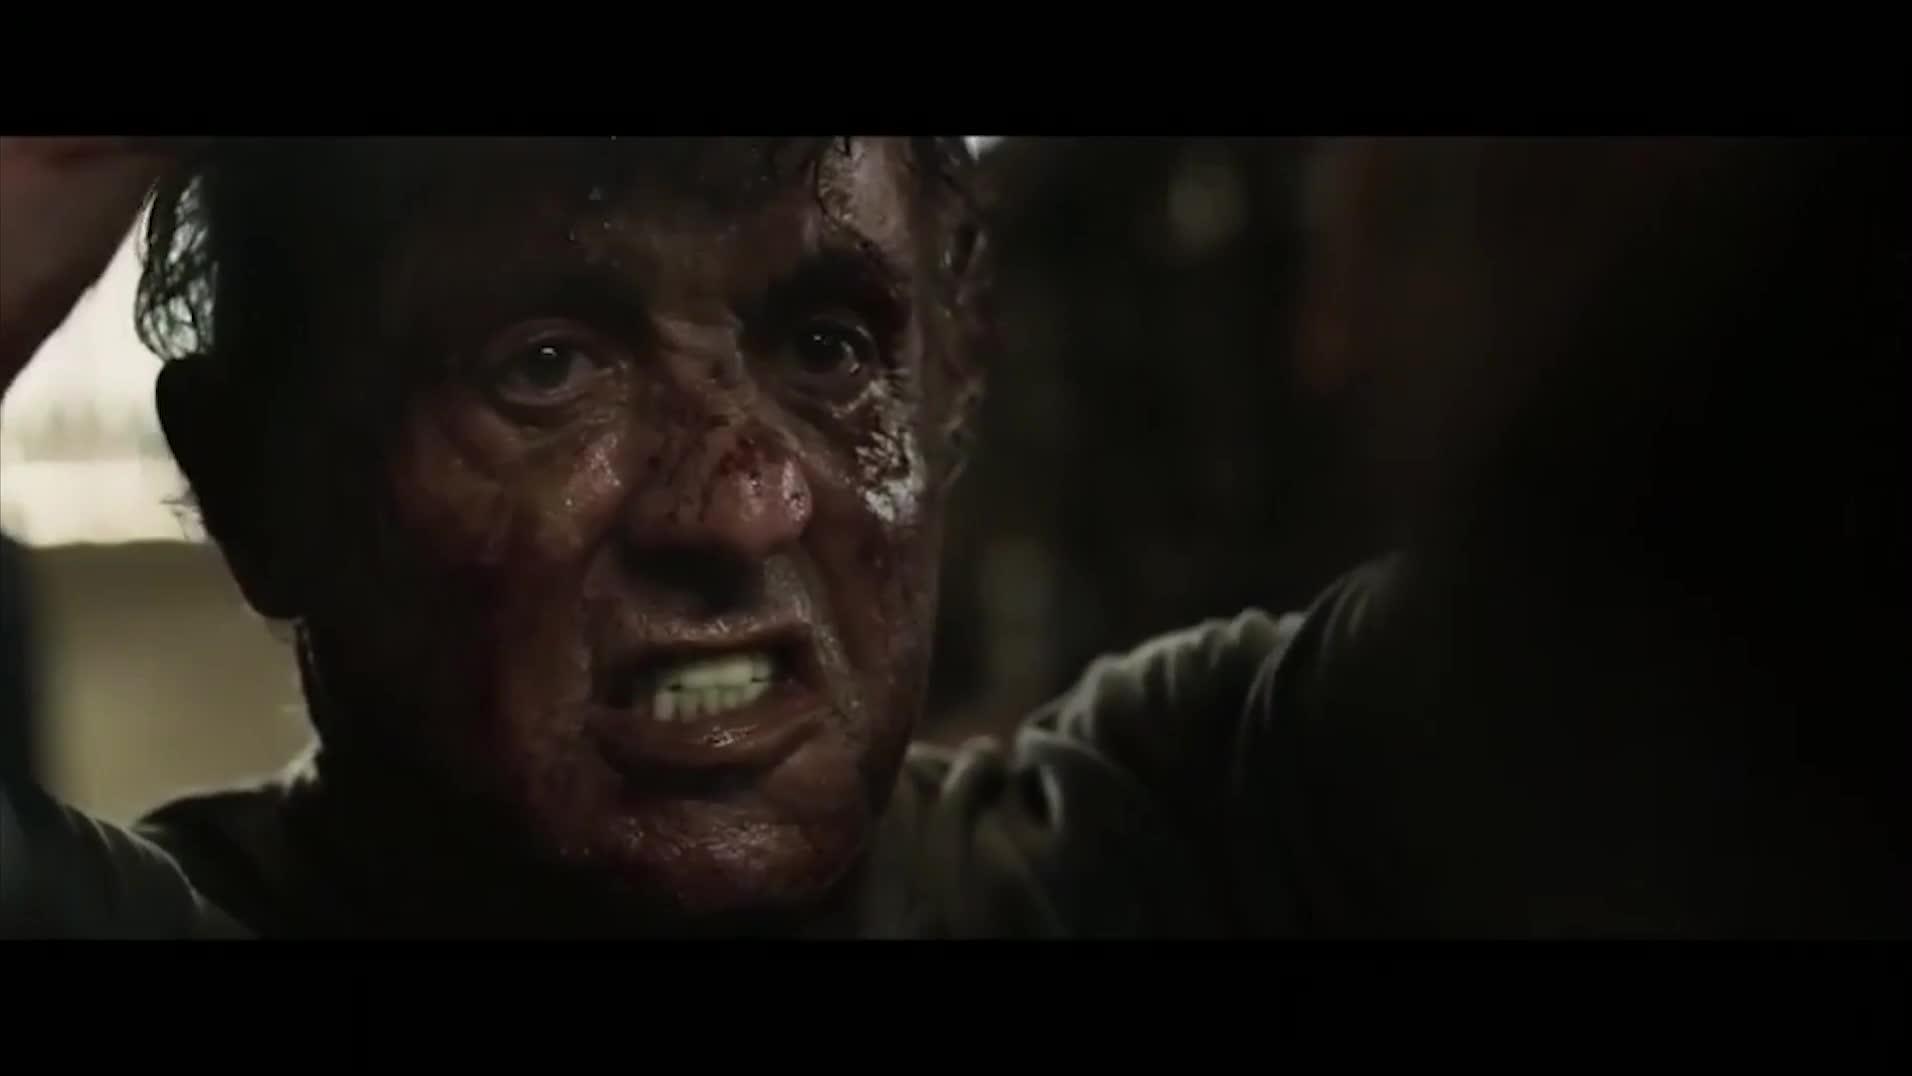 #光棍节影视特辑#双11影视推荐,《第一滴血5:最后的血》精彩预告!